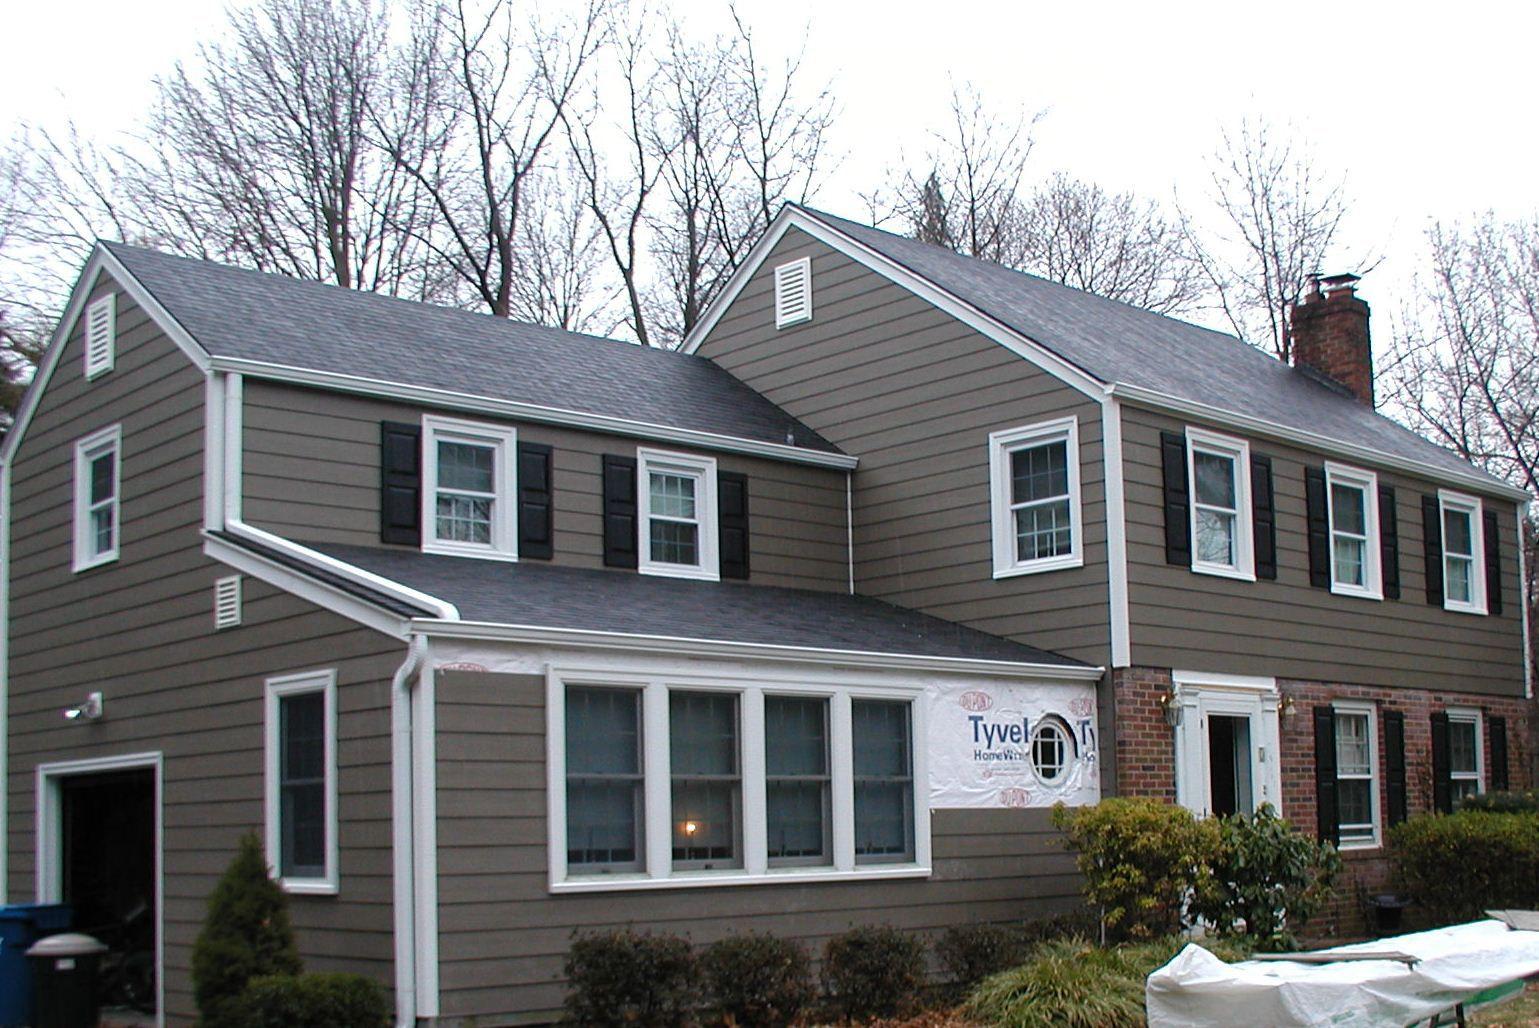 Top  Brown Houses With White Trim Light  Dark Exterior Ideas - Home exterior design ideas siding